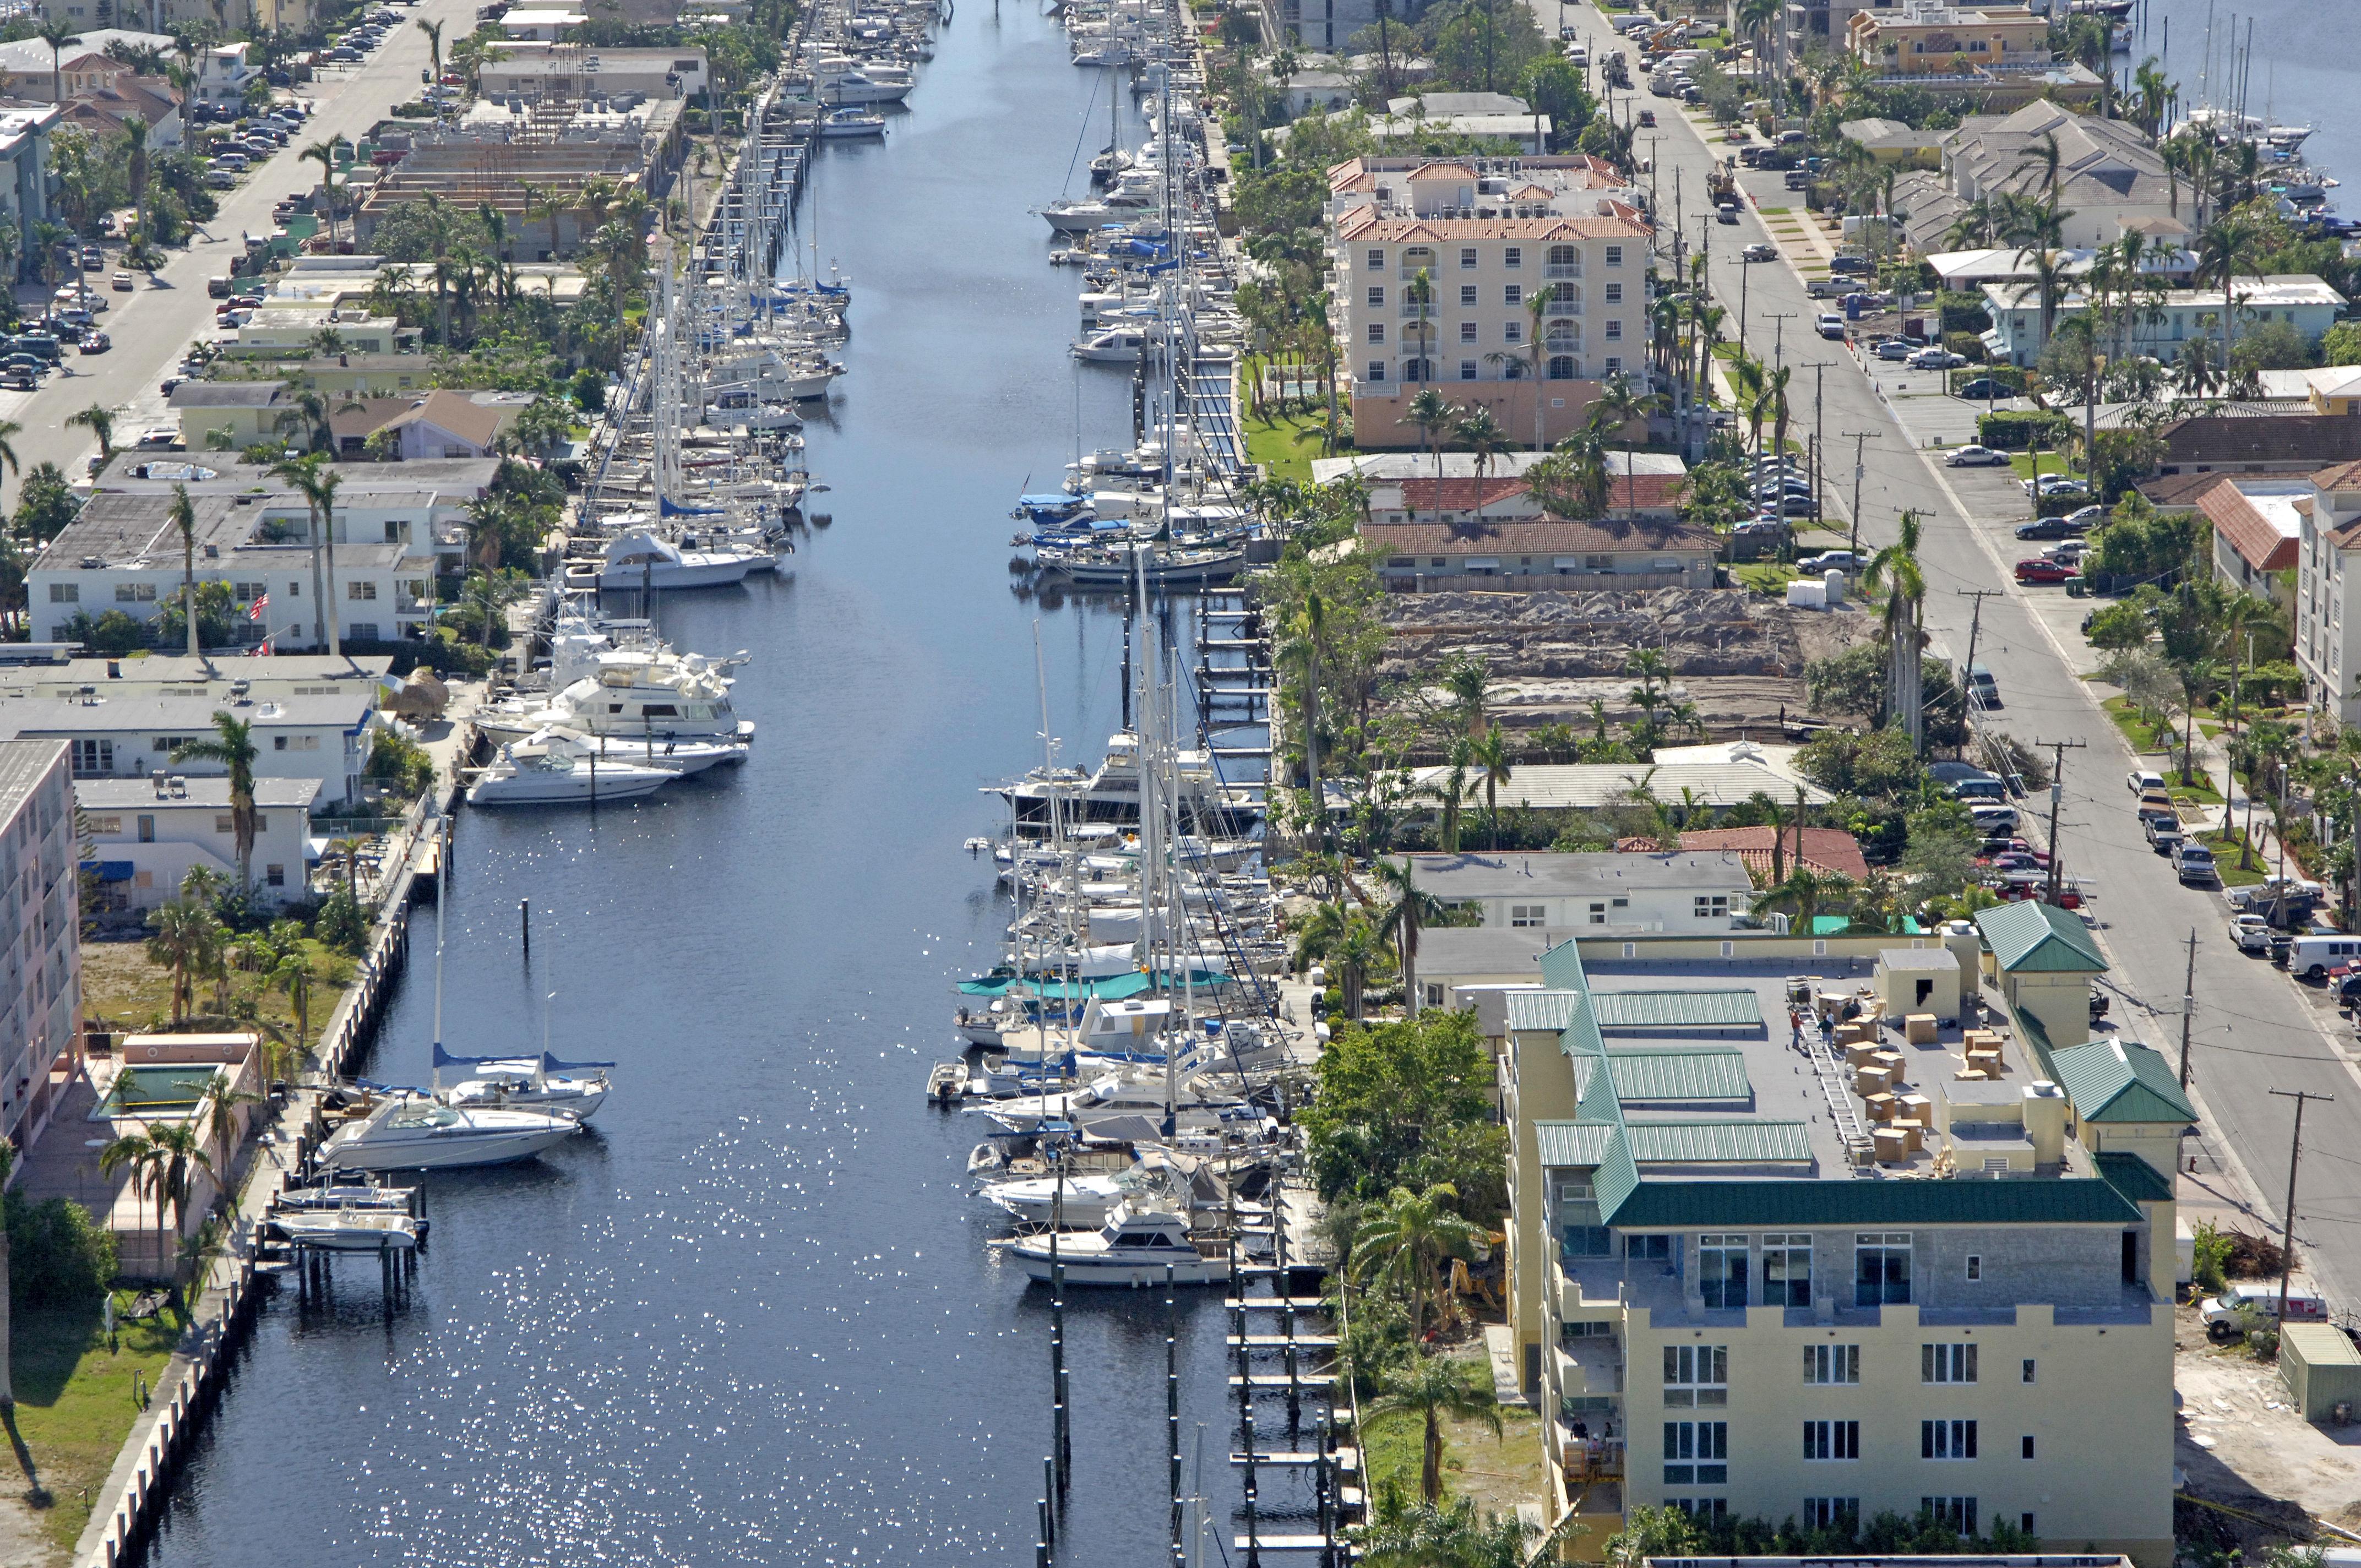 Banyan Resort Marina - CLOSED - in Fort Lauderdale, FL ...